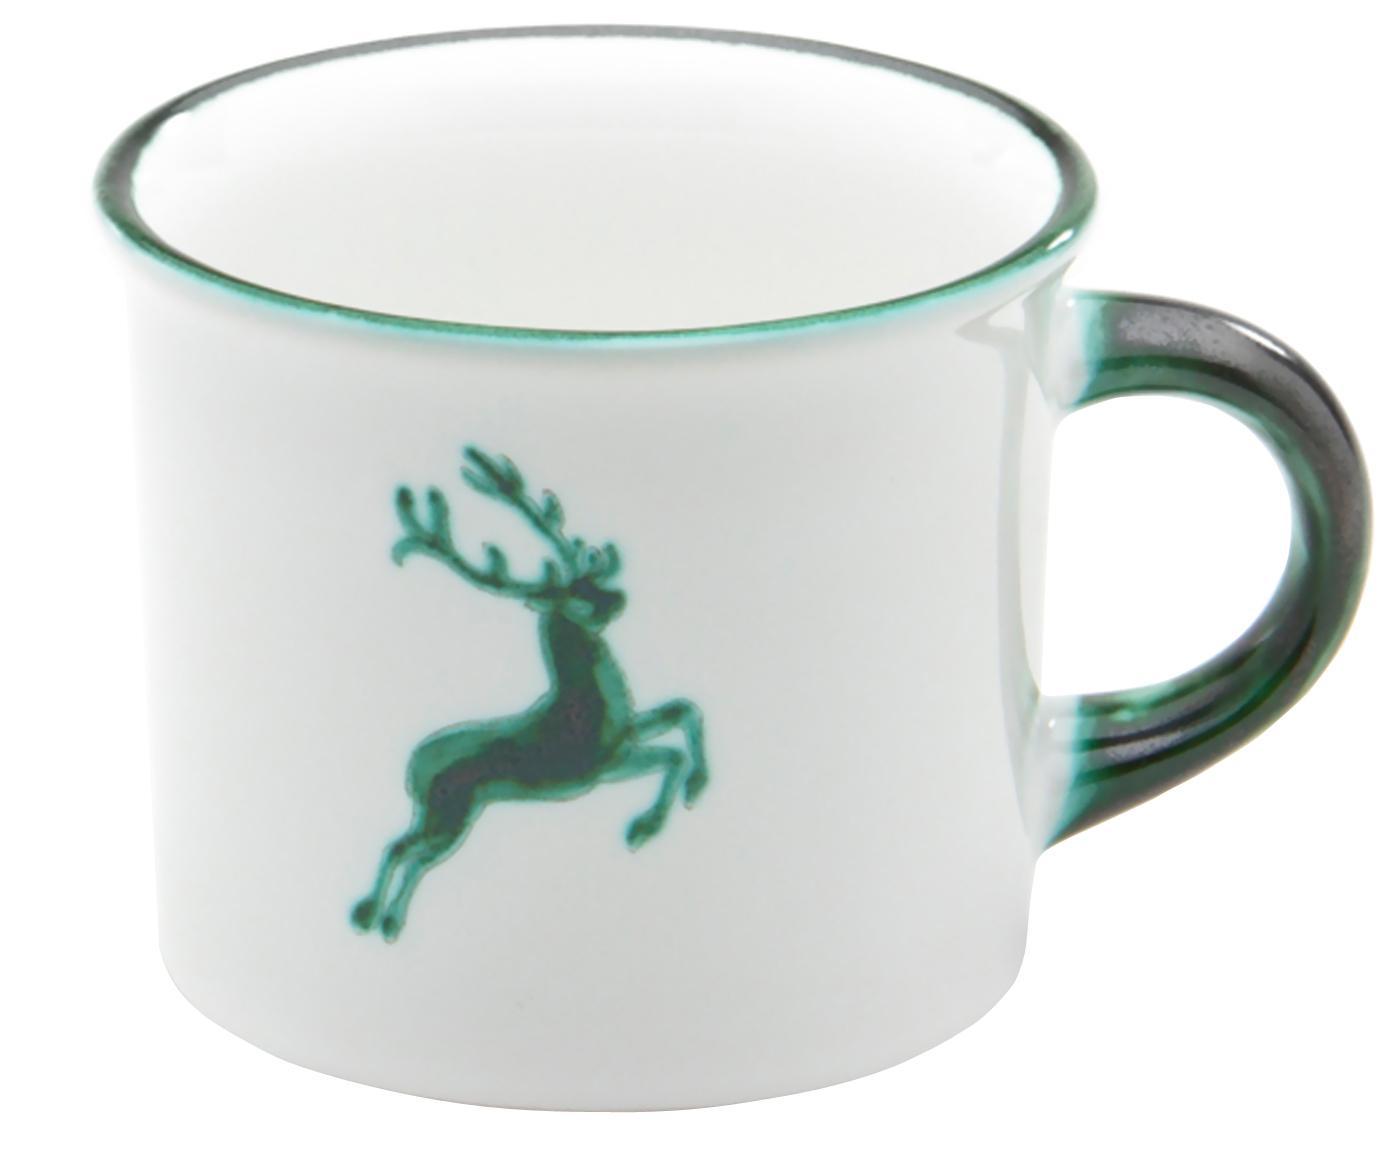 Kubek do kawy Grüner Hirsch, Ceramika, Zielony, biały, 240 ml